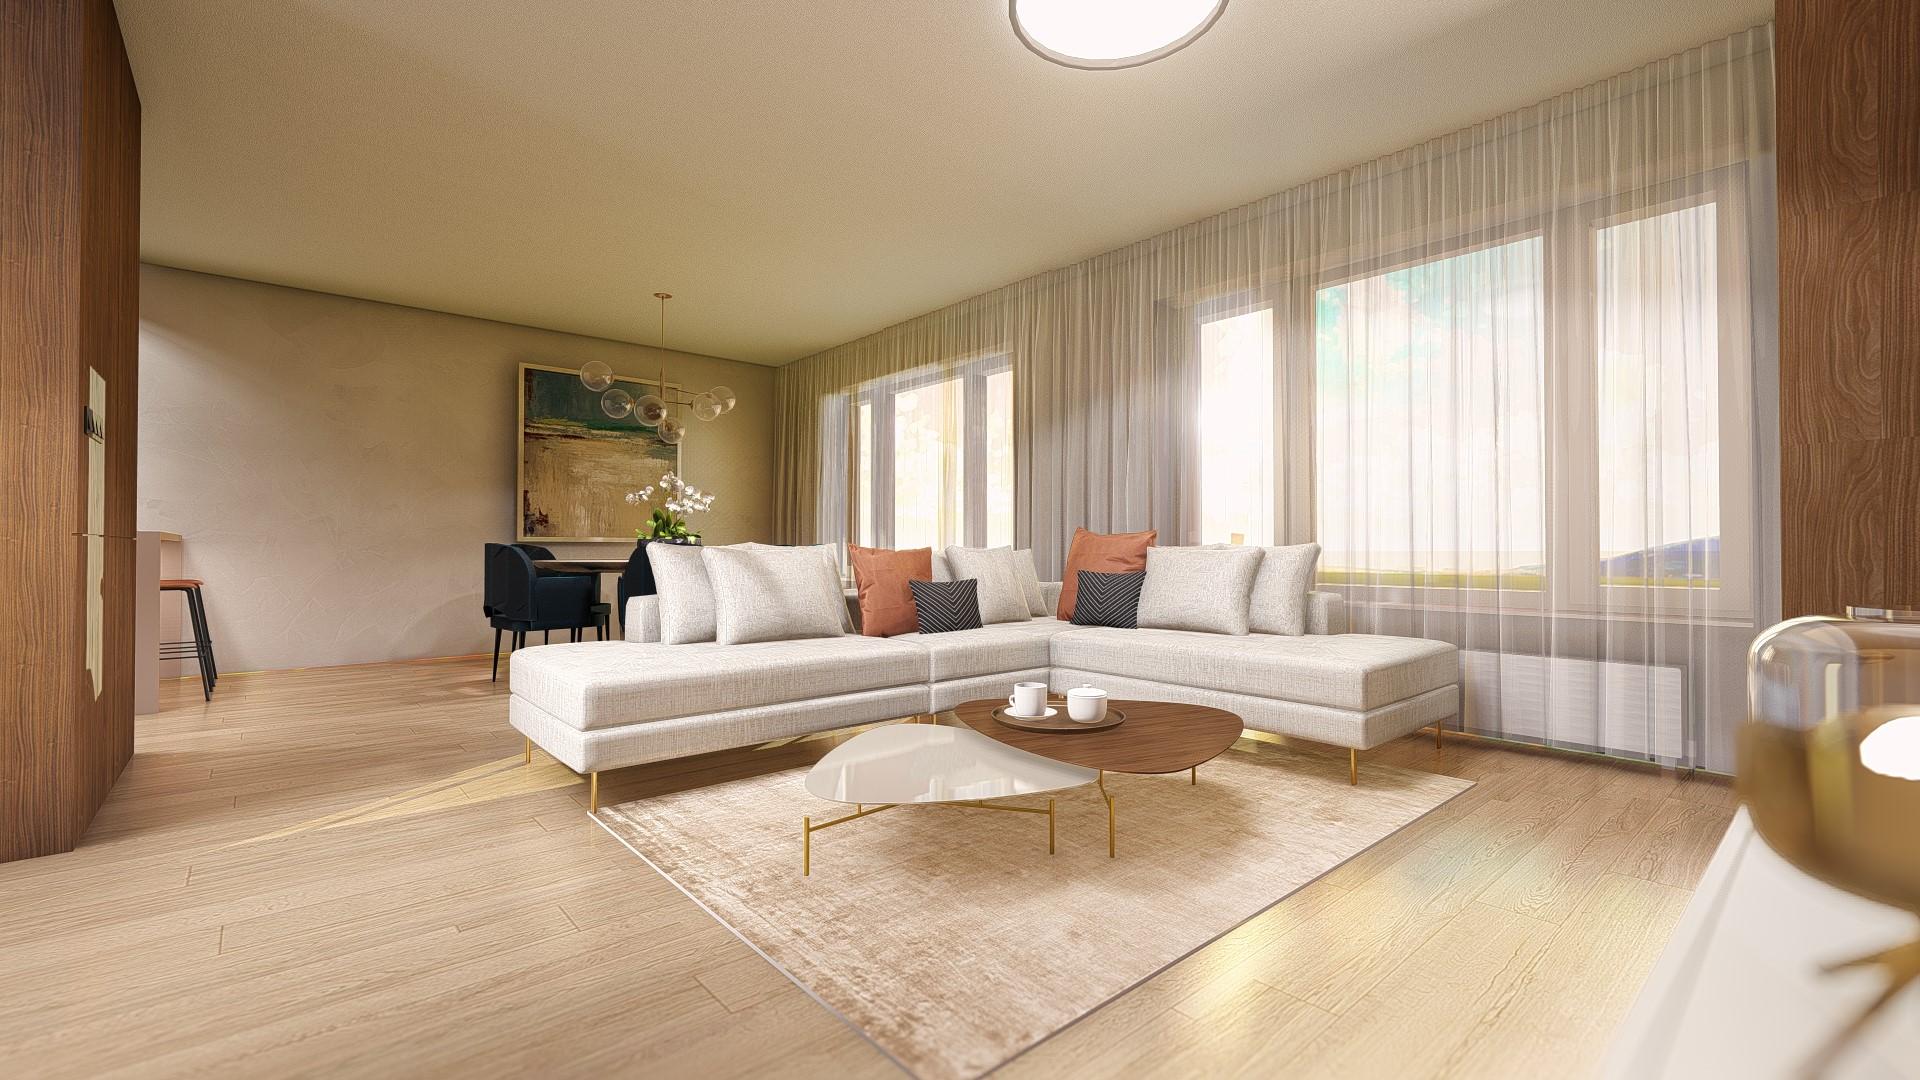 4 izbový strešný byt Bory Bývanie 2